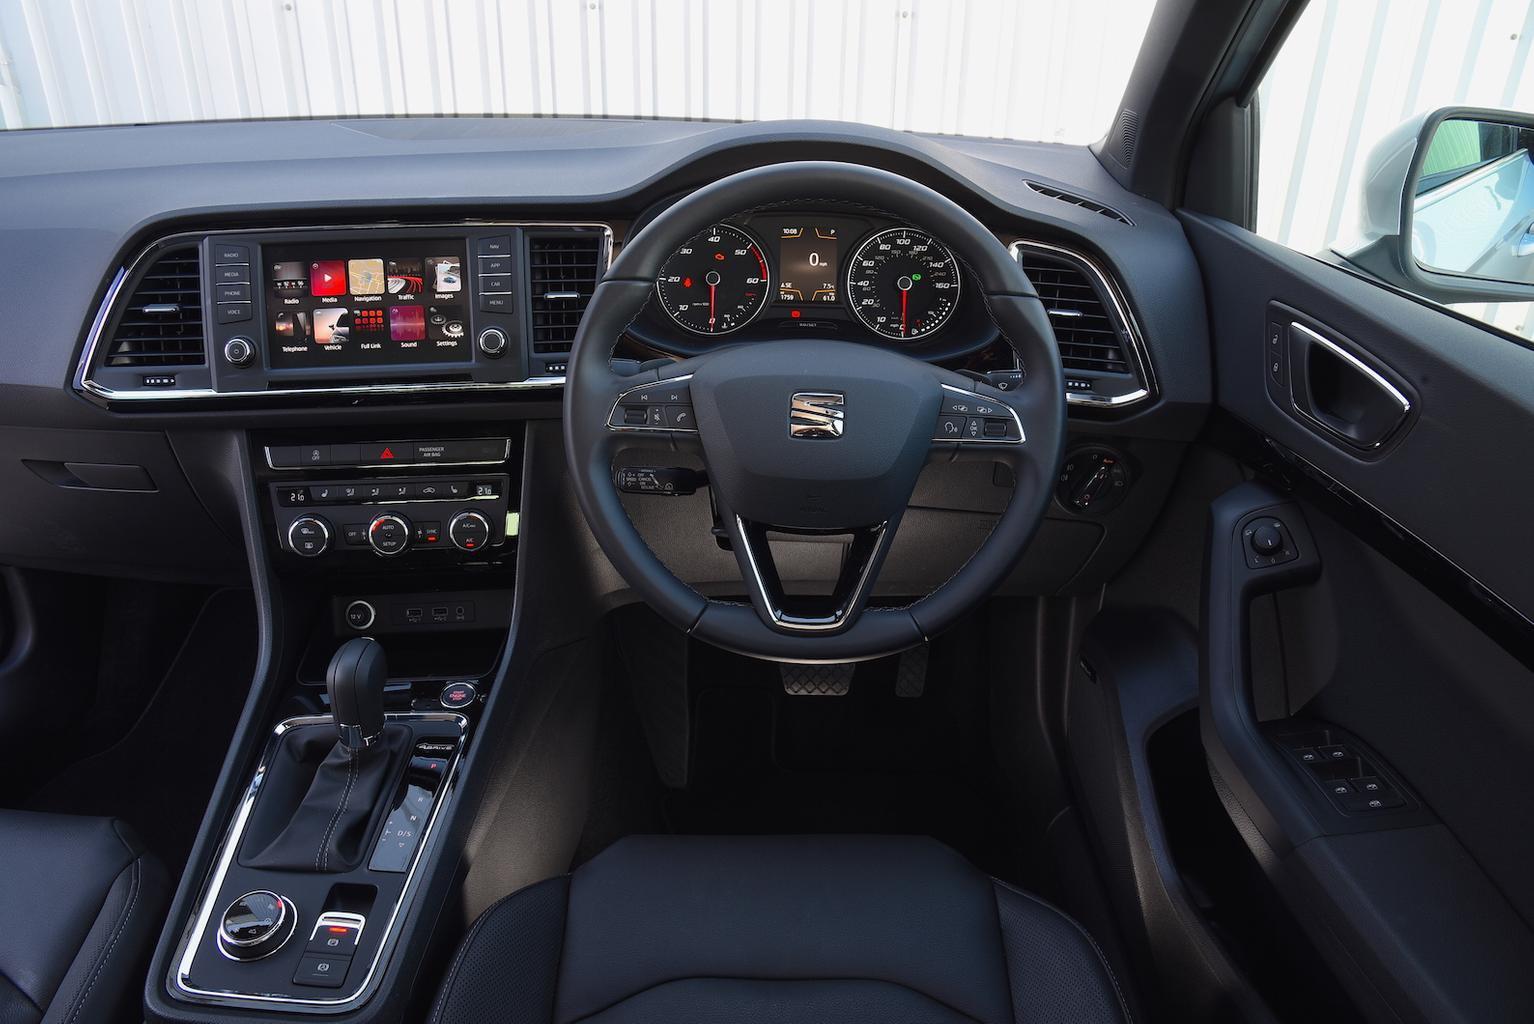 Seat Ateca 2.0 TDI 190 4Drive 2017 review